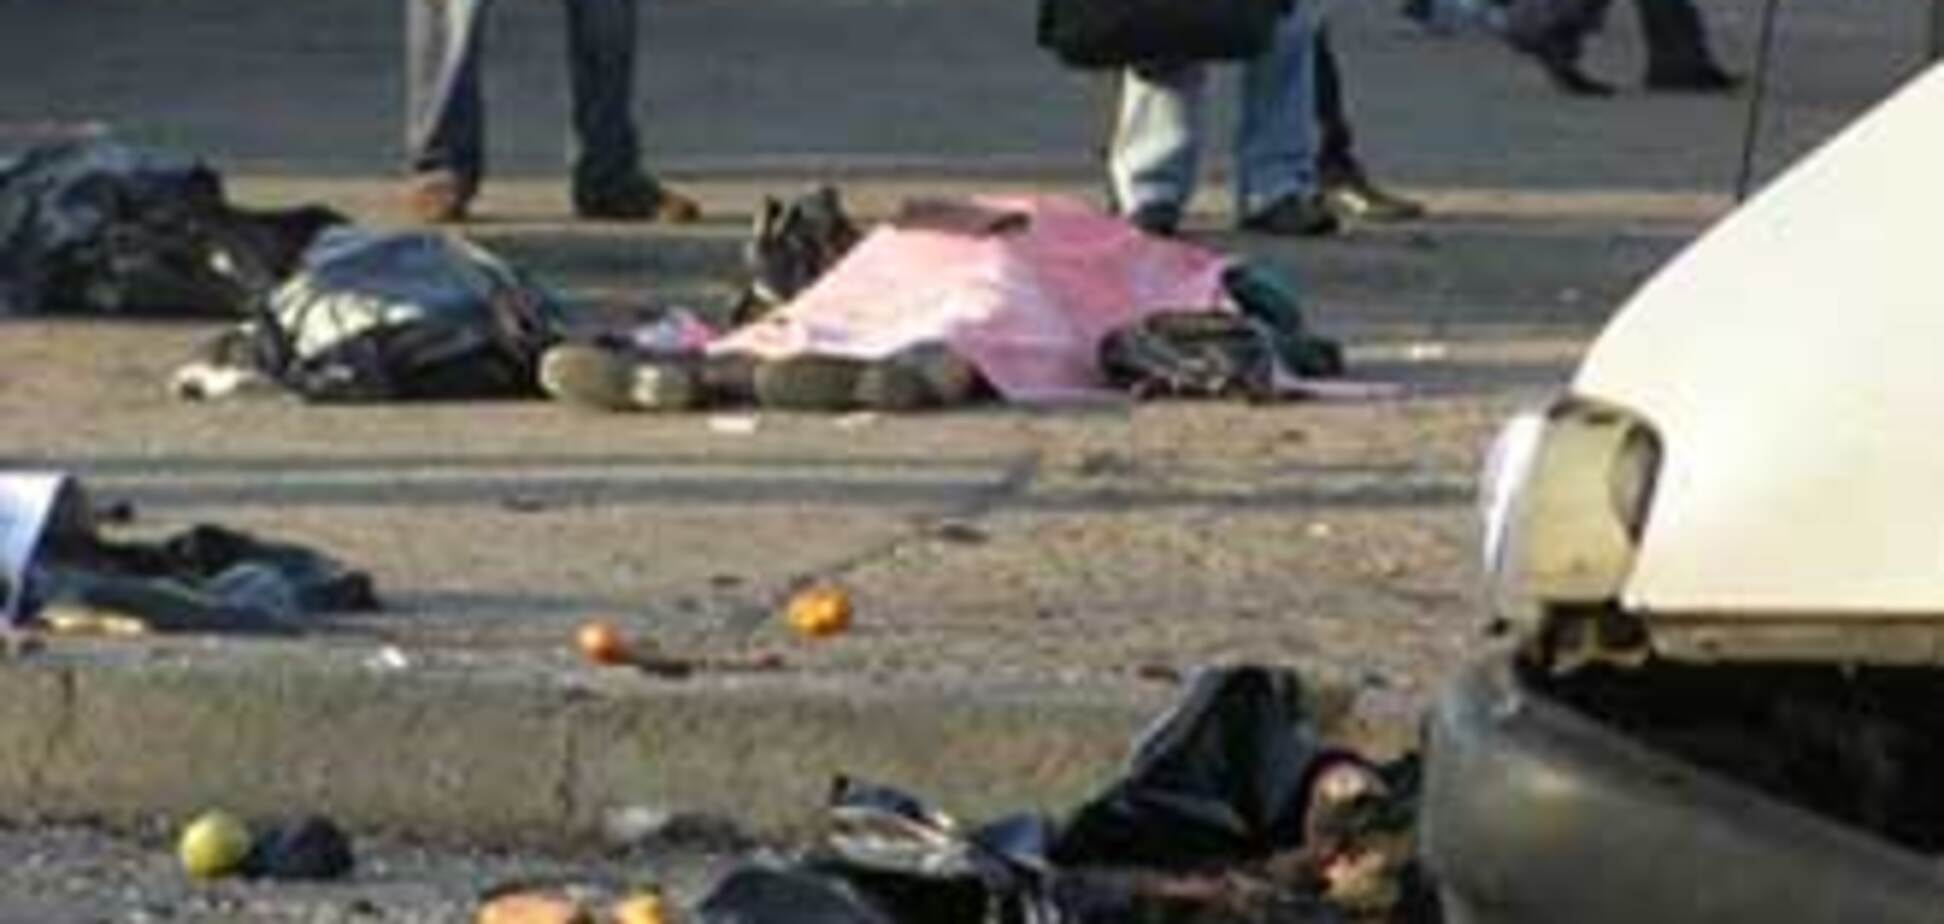 Взрыв во владикавказской маршрутке. Более десятка жертв